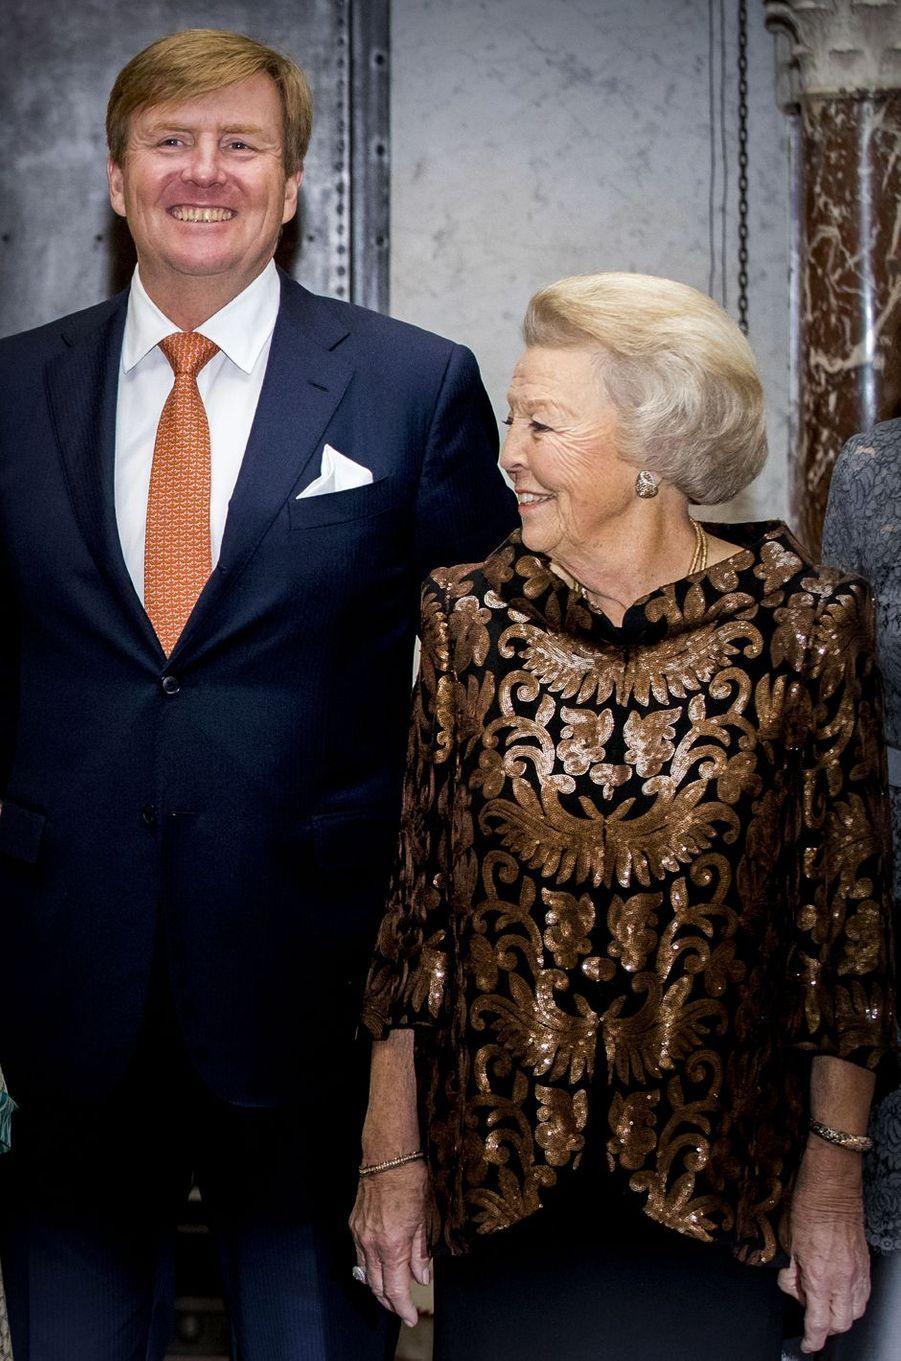 Le roi Willem-Alexander et la princesse Beatrix des Pays-Bas à Amsterdam, le 27 novembre 2018